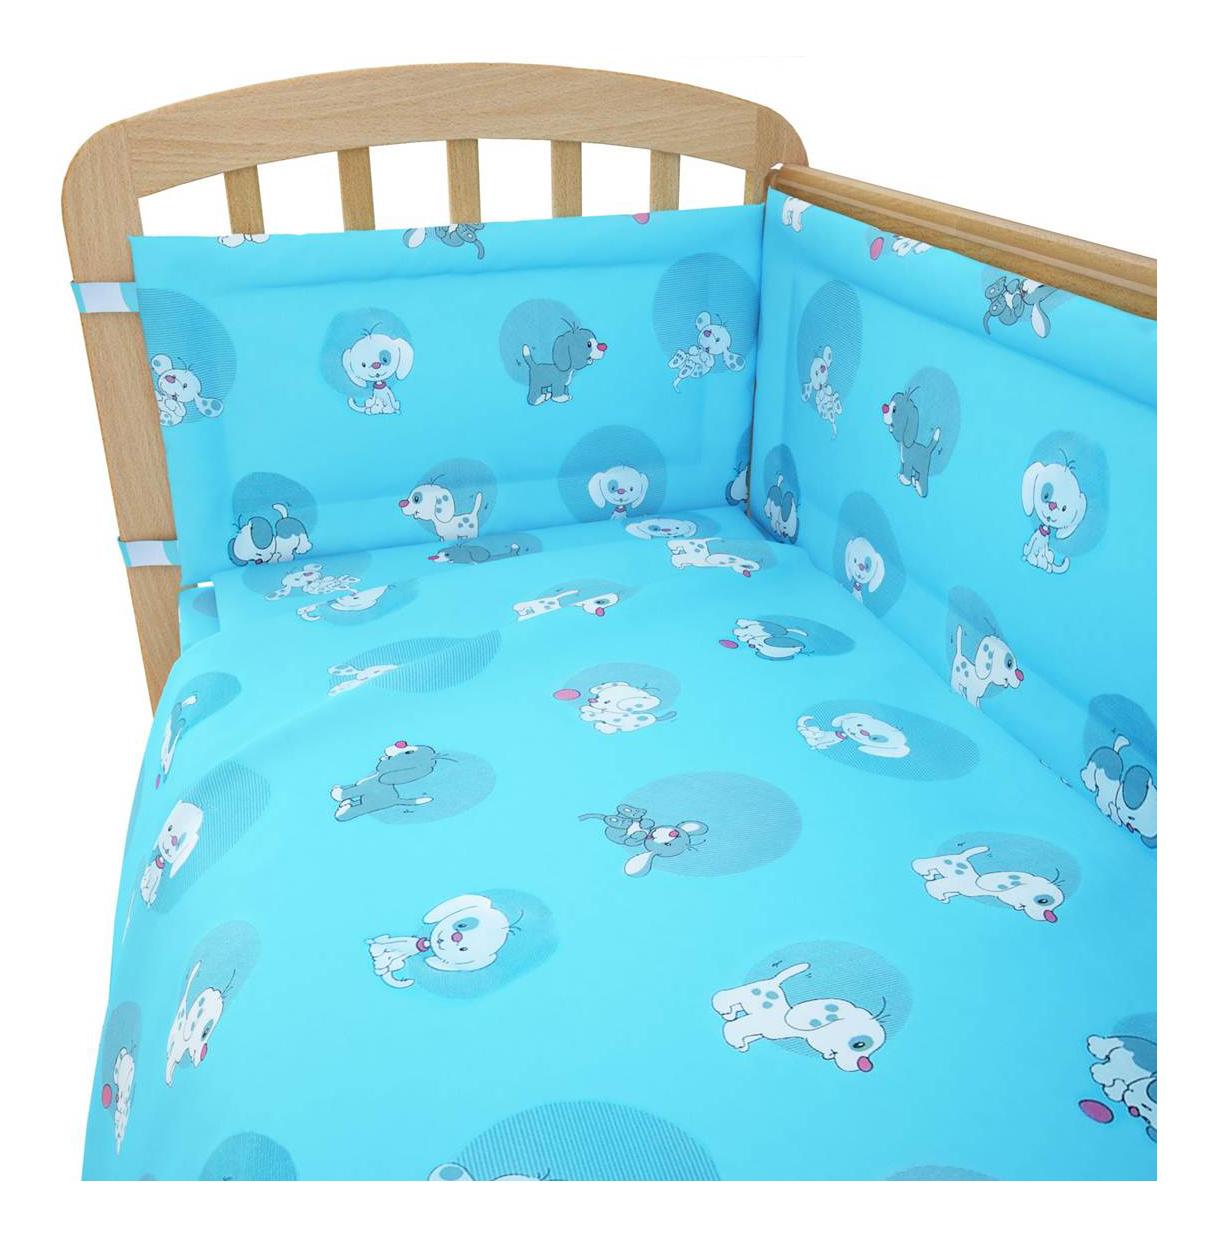 Комплект детского постельного белья Фея Наши друзья голубой Комплект белья Фея Наши друзья, голубой